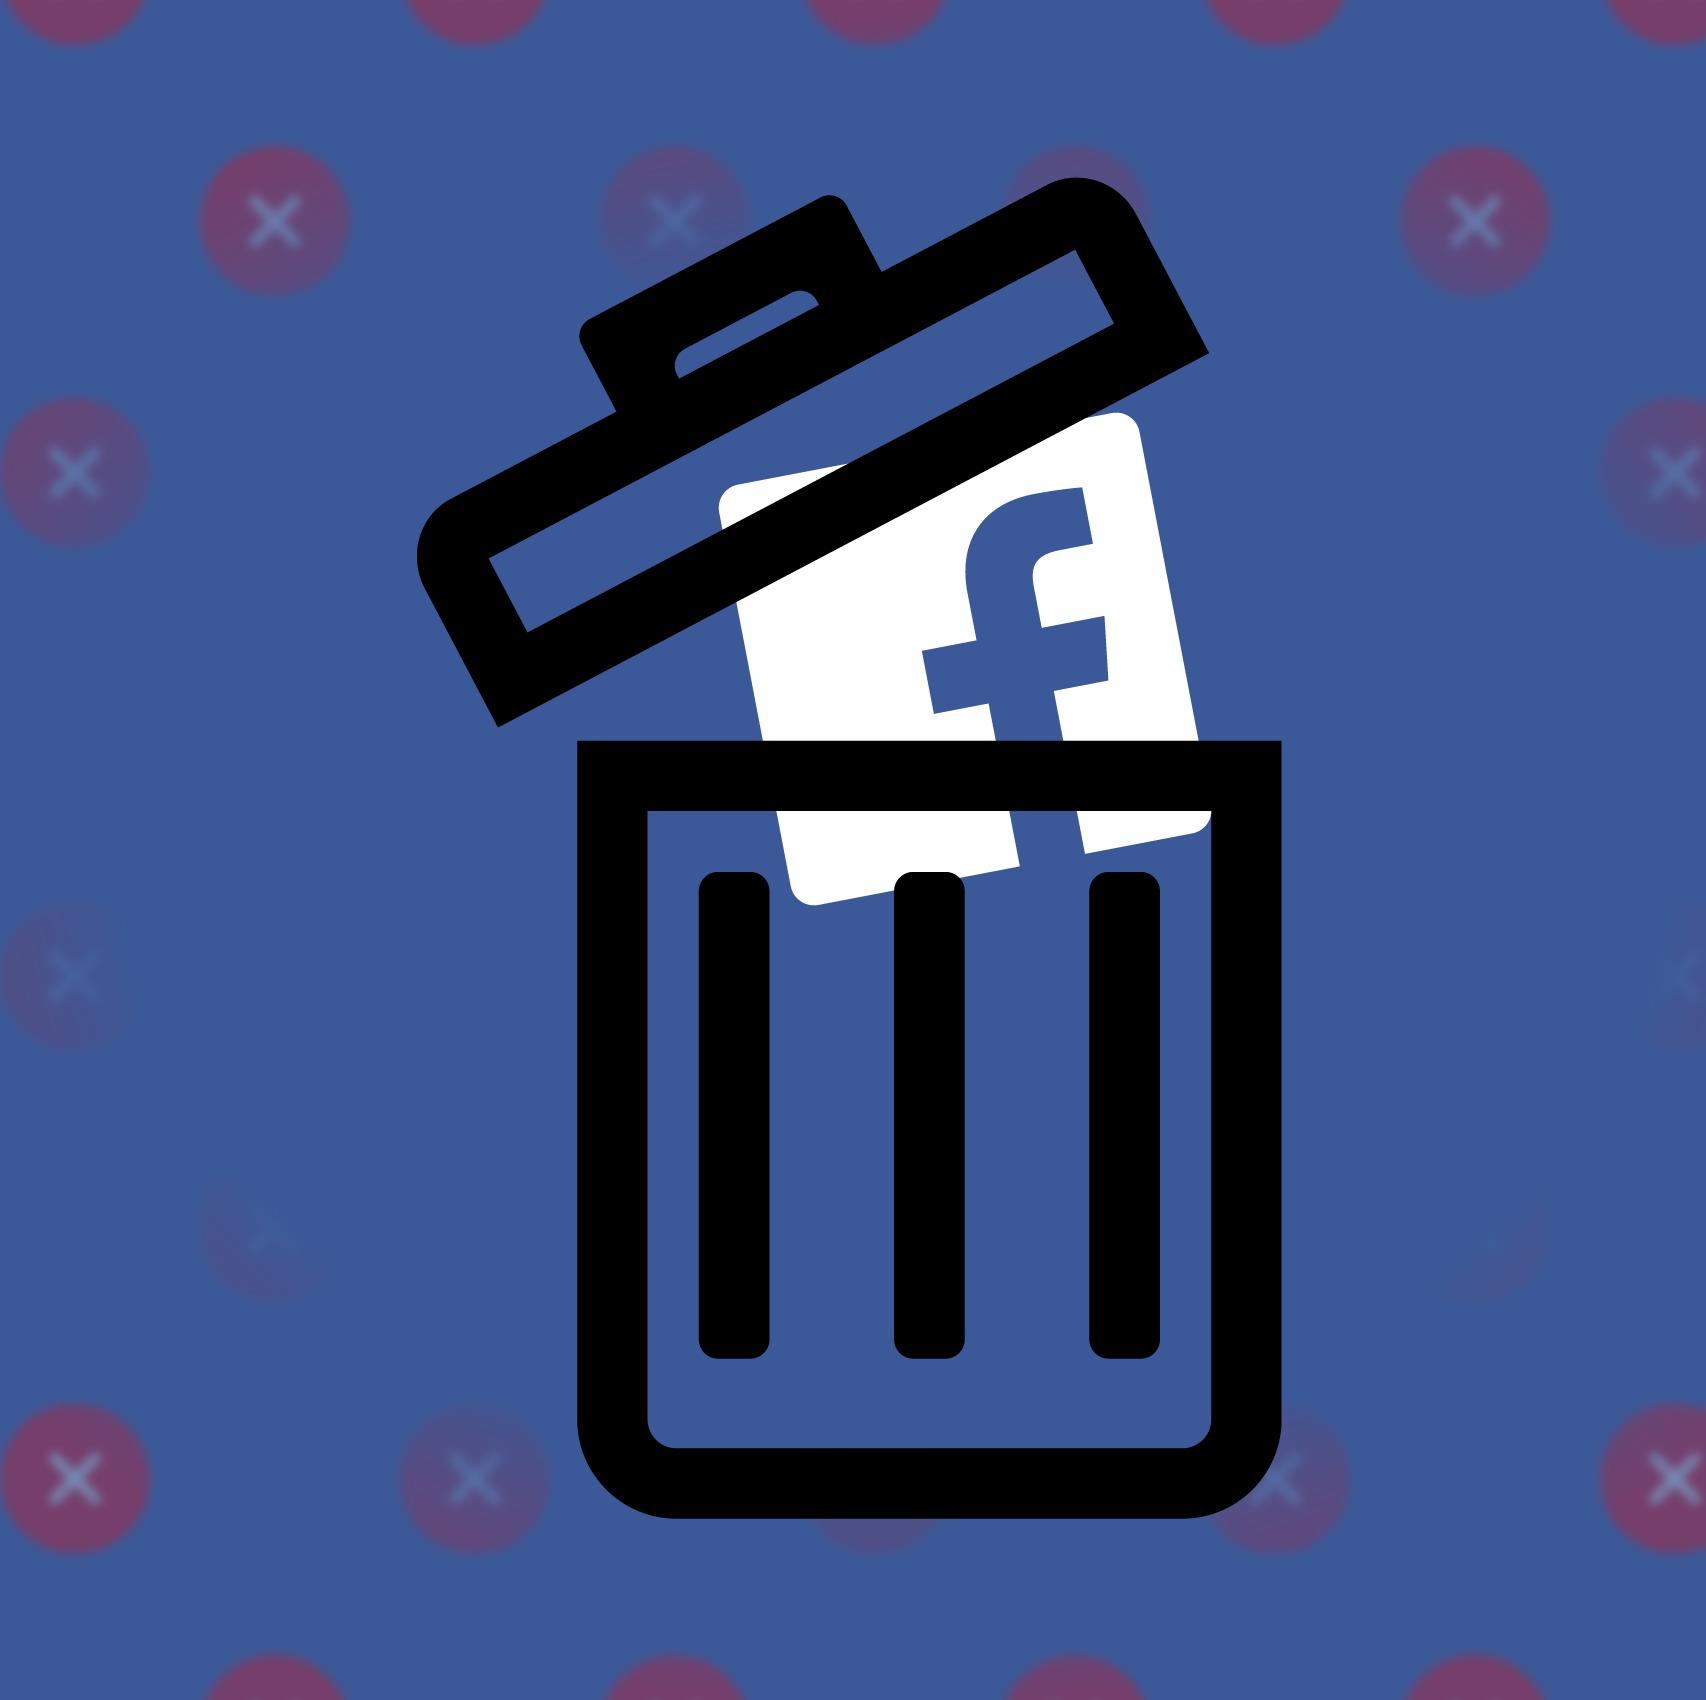 Hashtag Delete Facebook